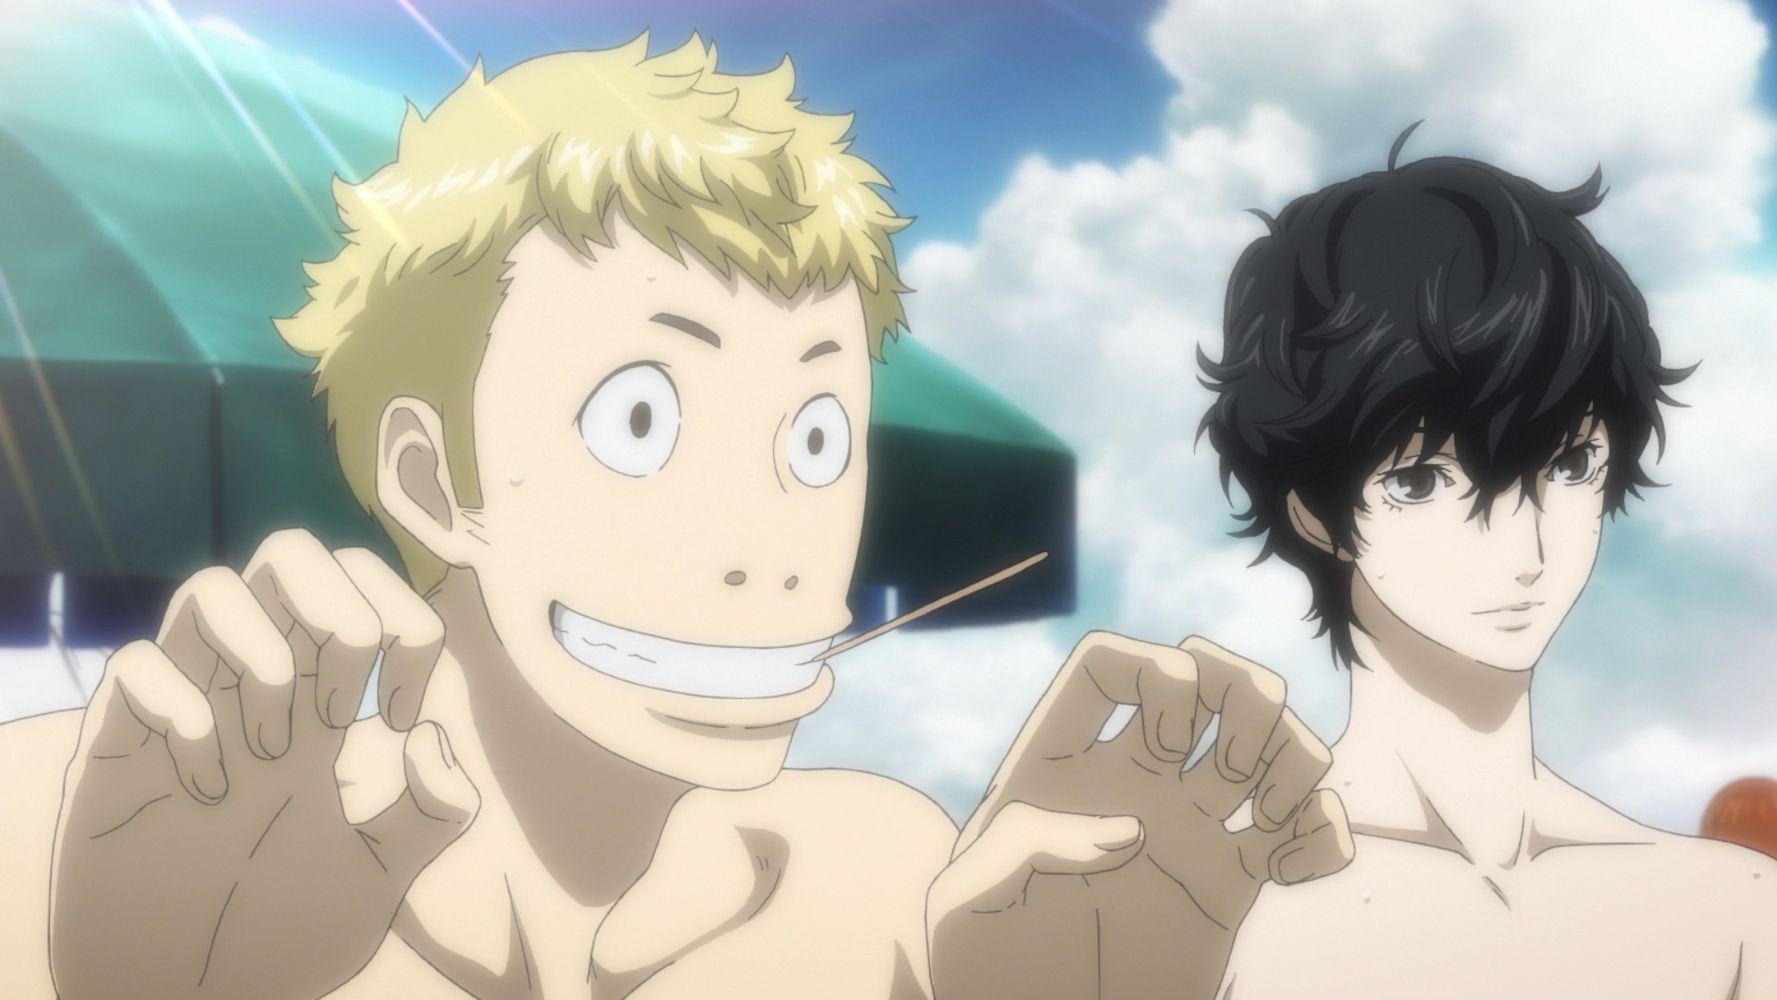 Cutscene animata con Ryuji e il protagonista, Persona 5 Royal